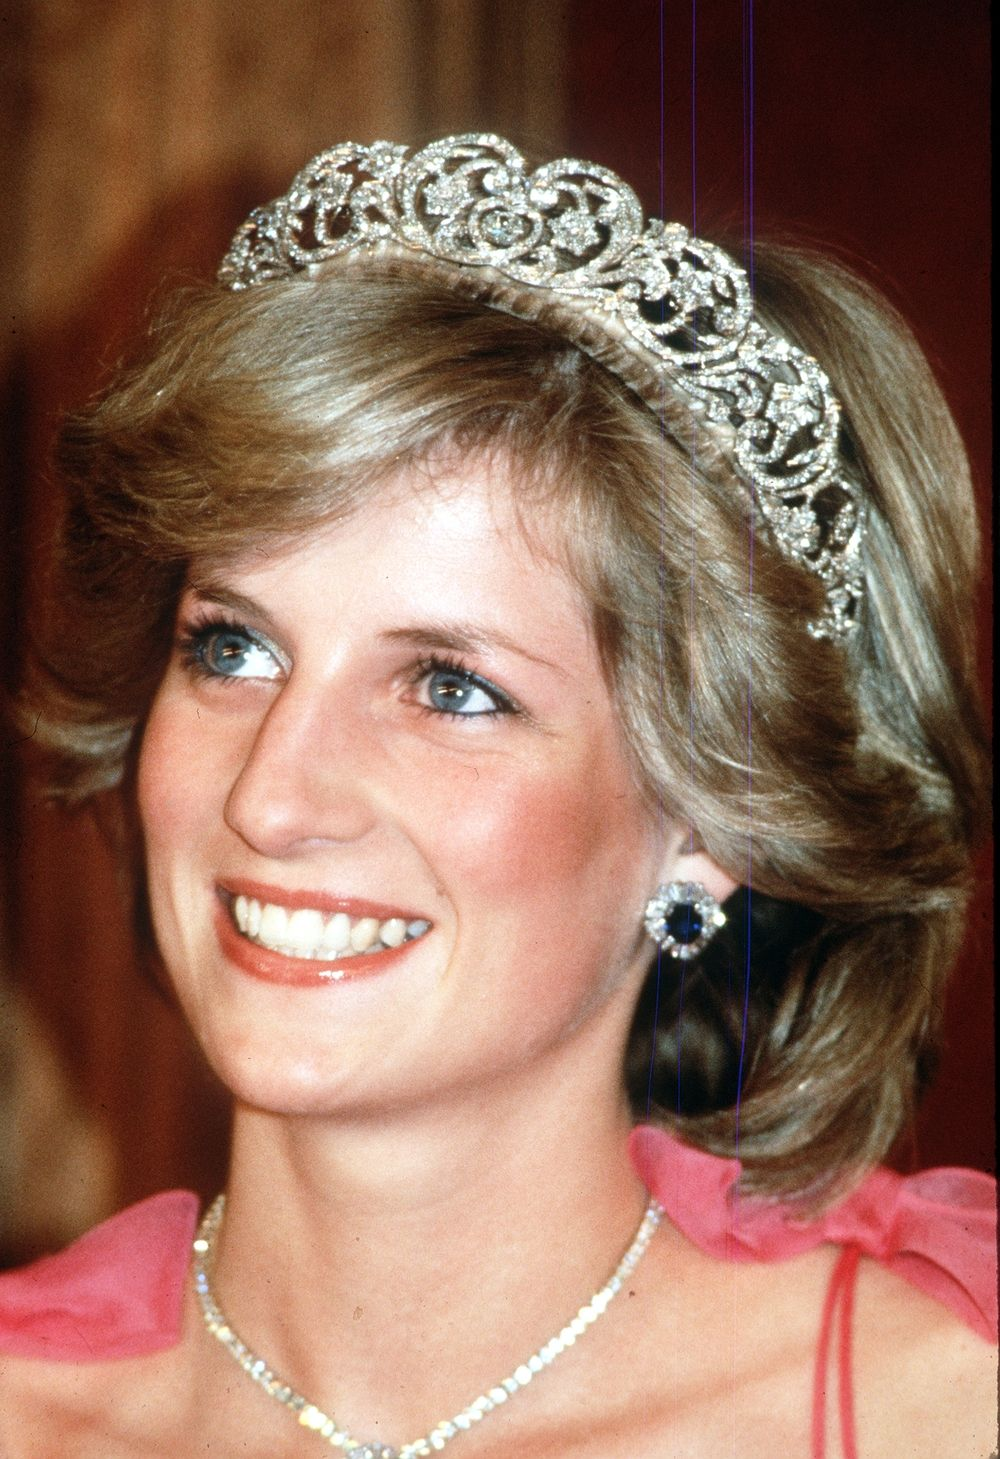 13. Princess Diana